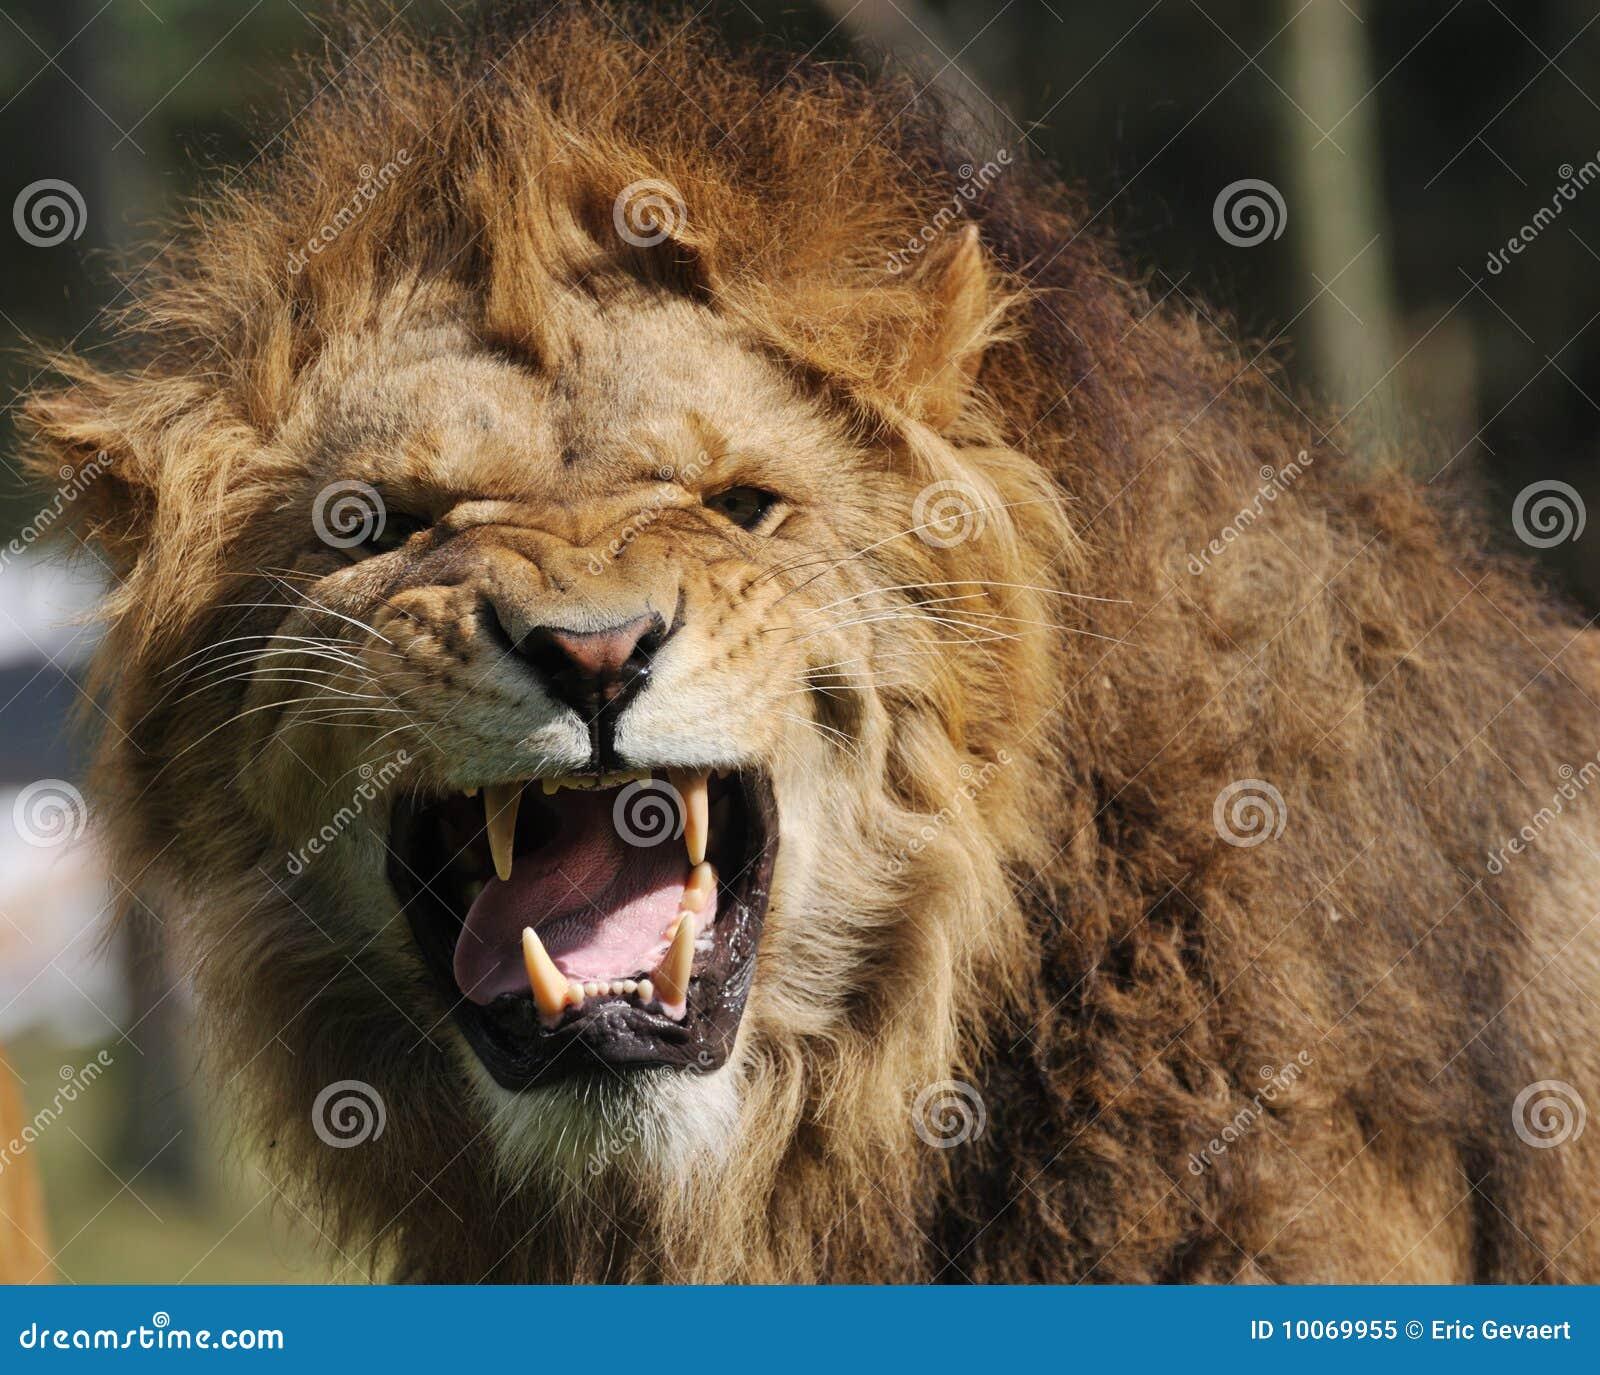 Leone arrabbiato fotografia stock libera da diritti for Immagini leone hd